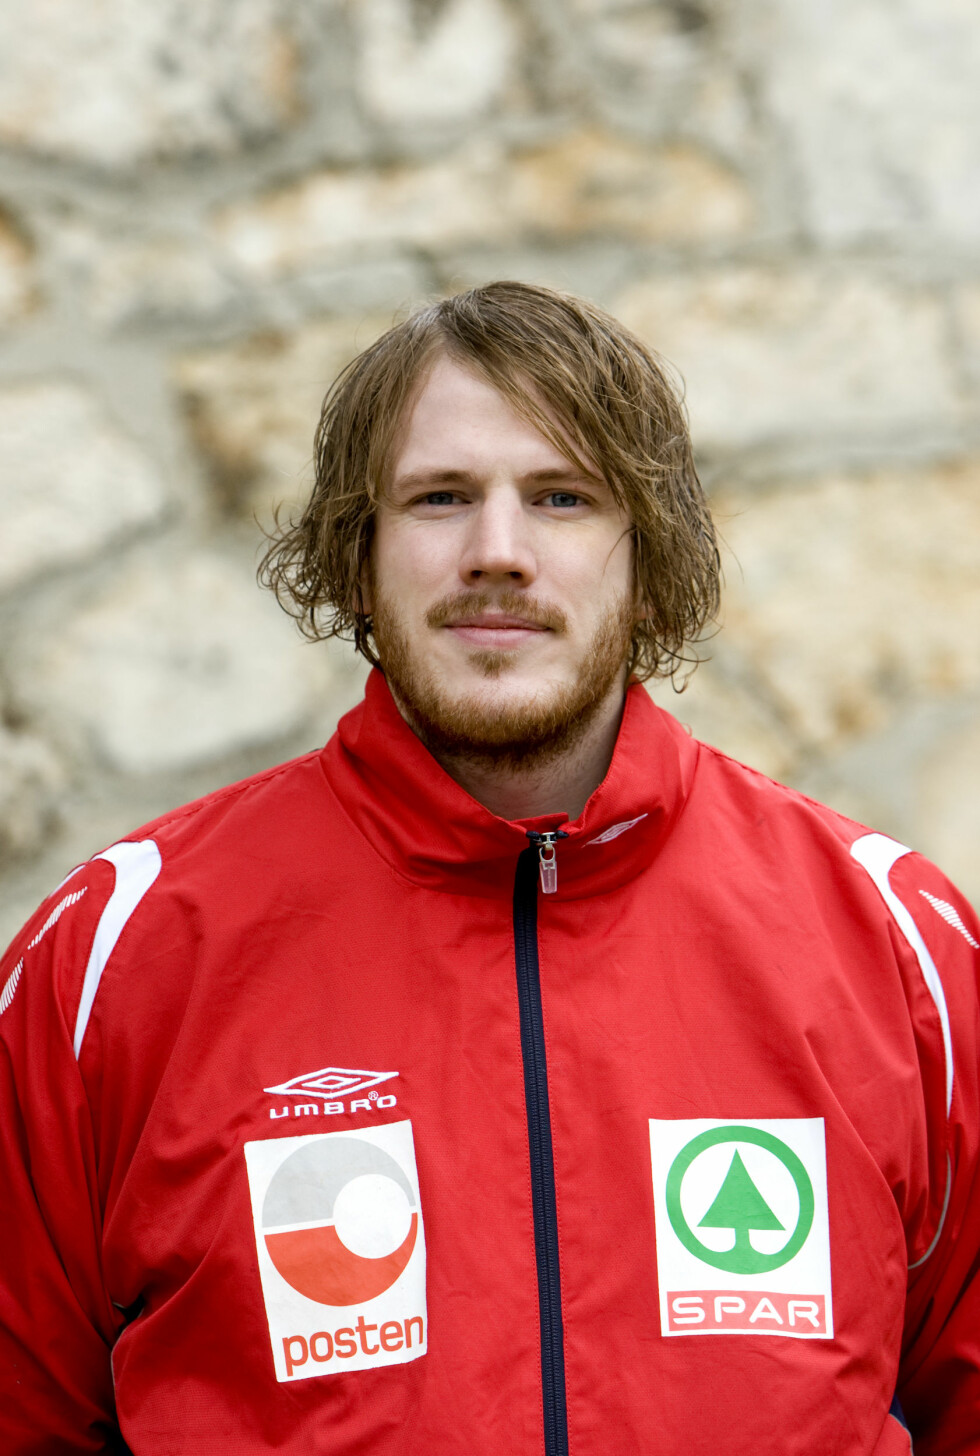 KJÆRESTEN: Alexander Buchmann har spilt Champions League på klubbnivå og har 61 landskamper for Norge. Her under håndball-VM i Kroatia i 2009. Foto: NTB scanpix